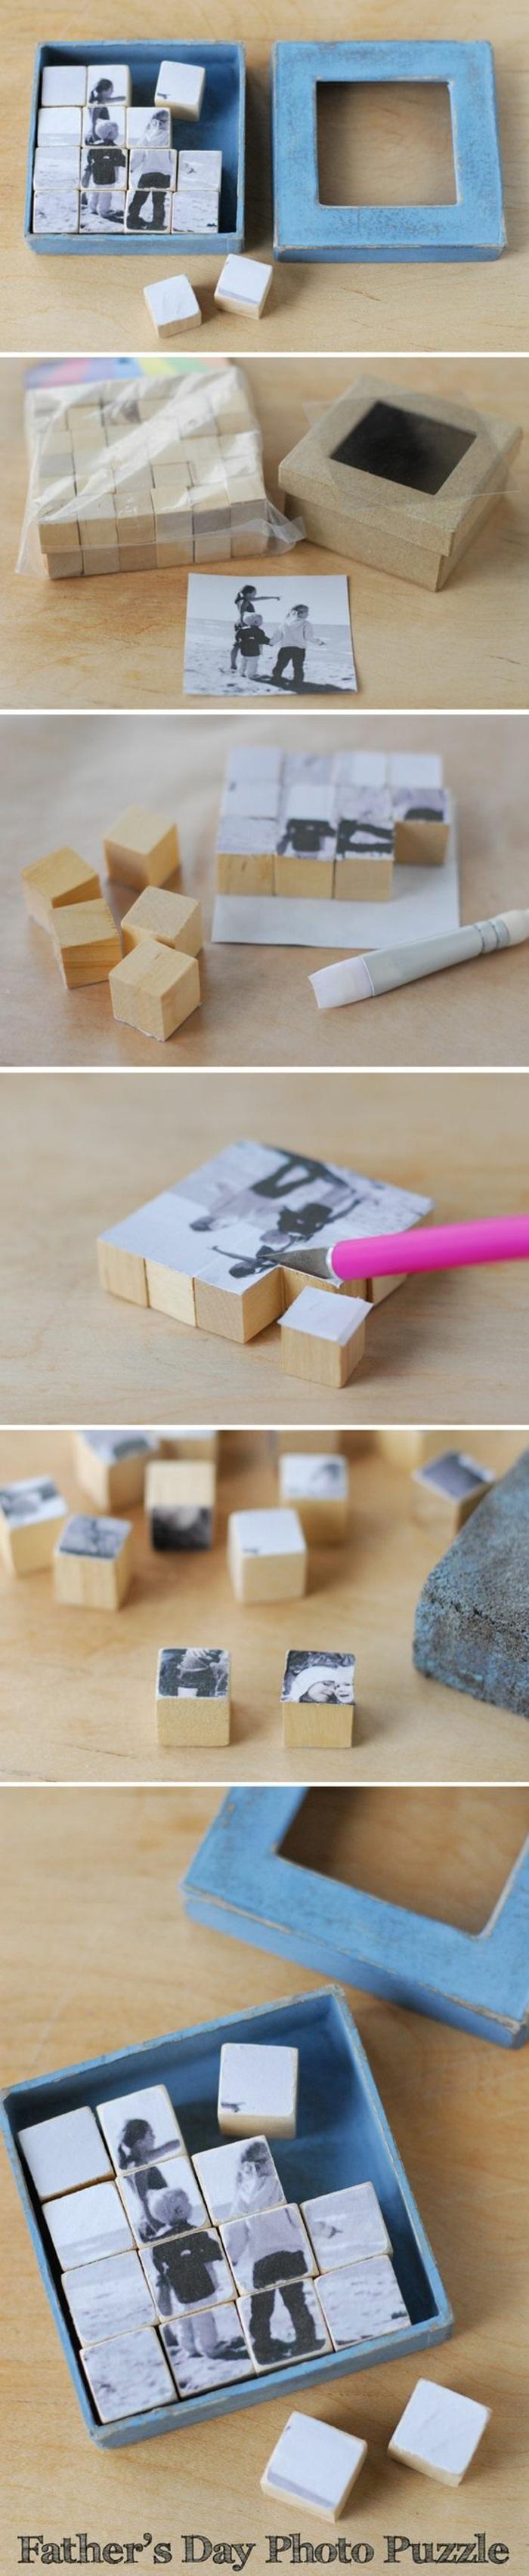 proyectos DIY y actividades con manuales para niños, talleres para niños originales, fotos con tutoriales paso a paso